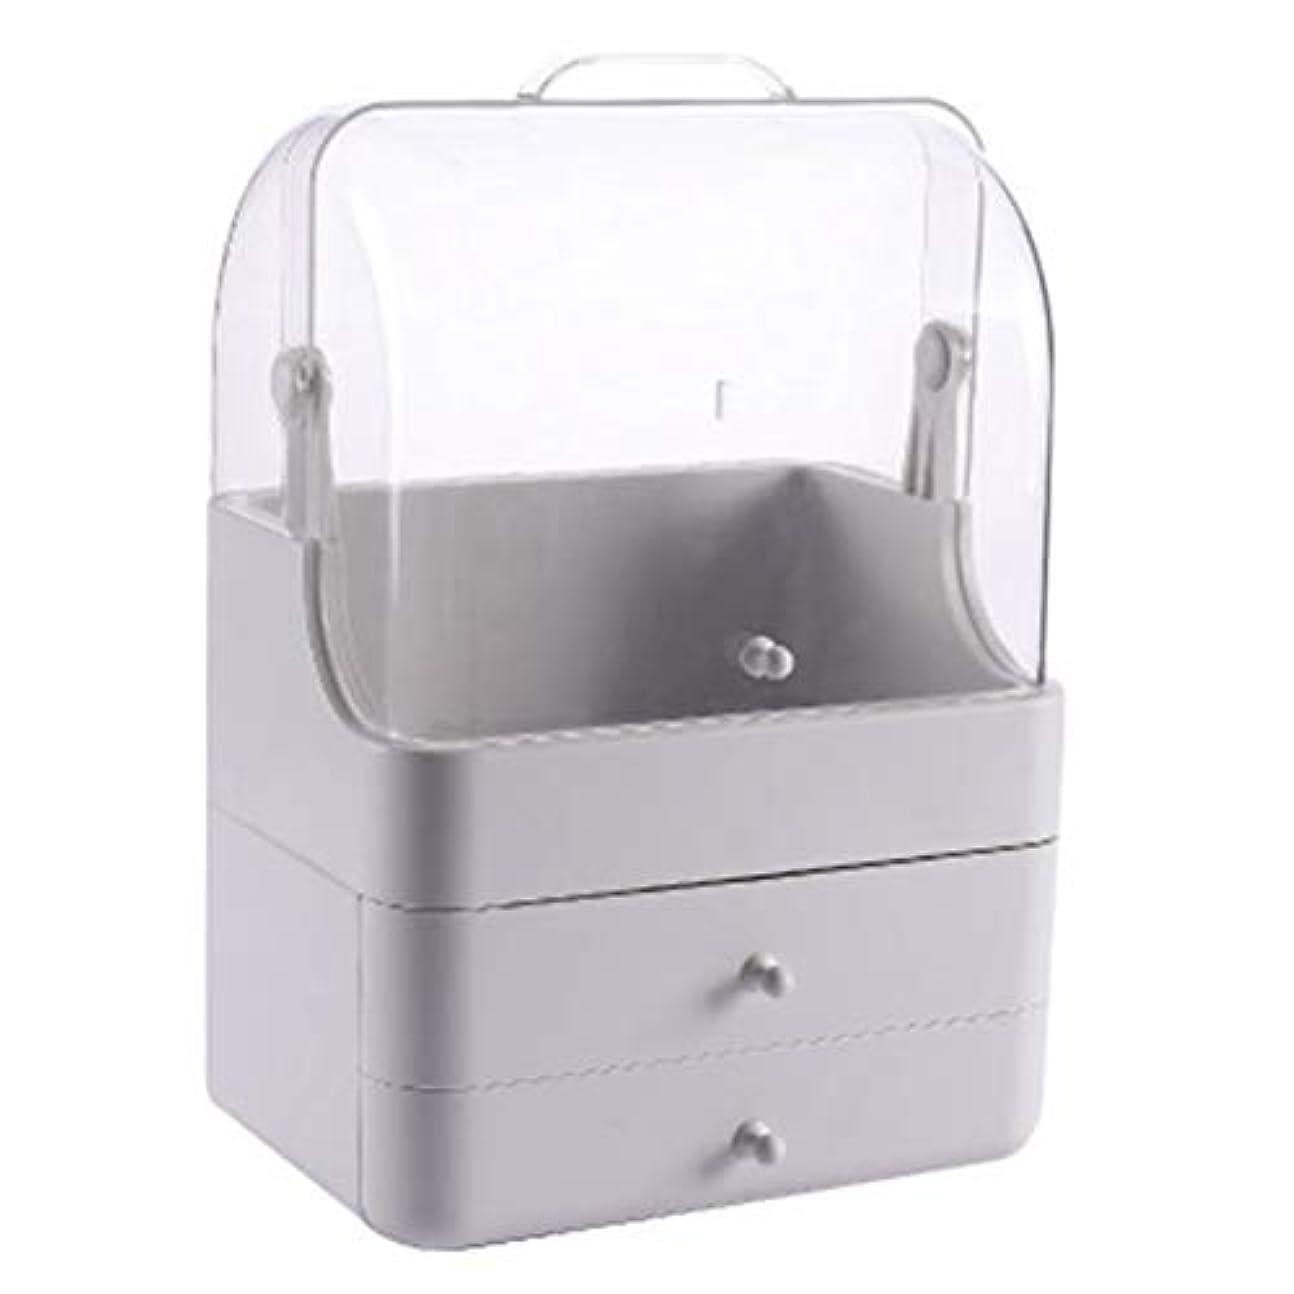 ミル摩擦忘れられない化粧品収納ボックス メイクボック コスメ収納 3段式 アクセサリボックス 多容量 引き出し式 整理簡単 持ち運び 蓋付き 防塵防水 透明 機能性 スキンケア用品 小物入れ 卓上収納 軽量